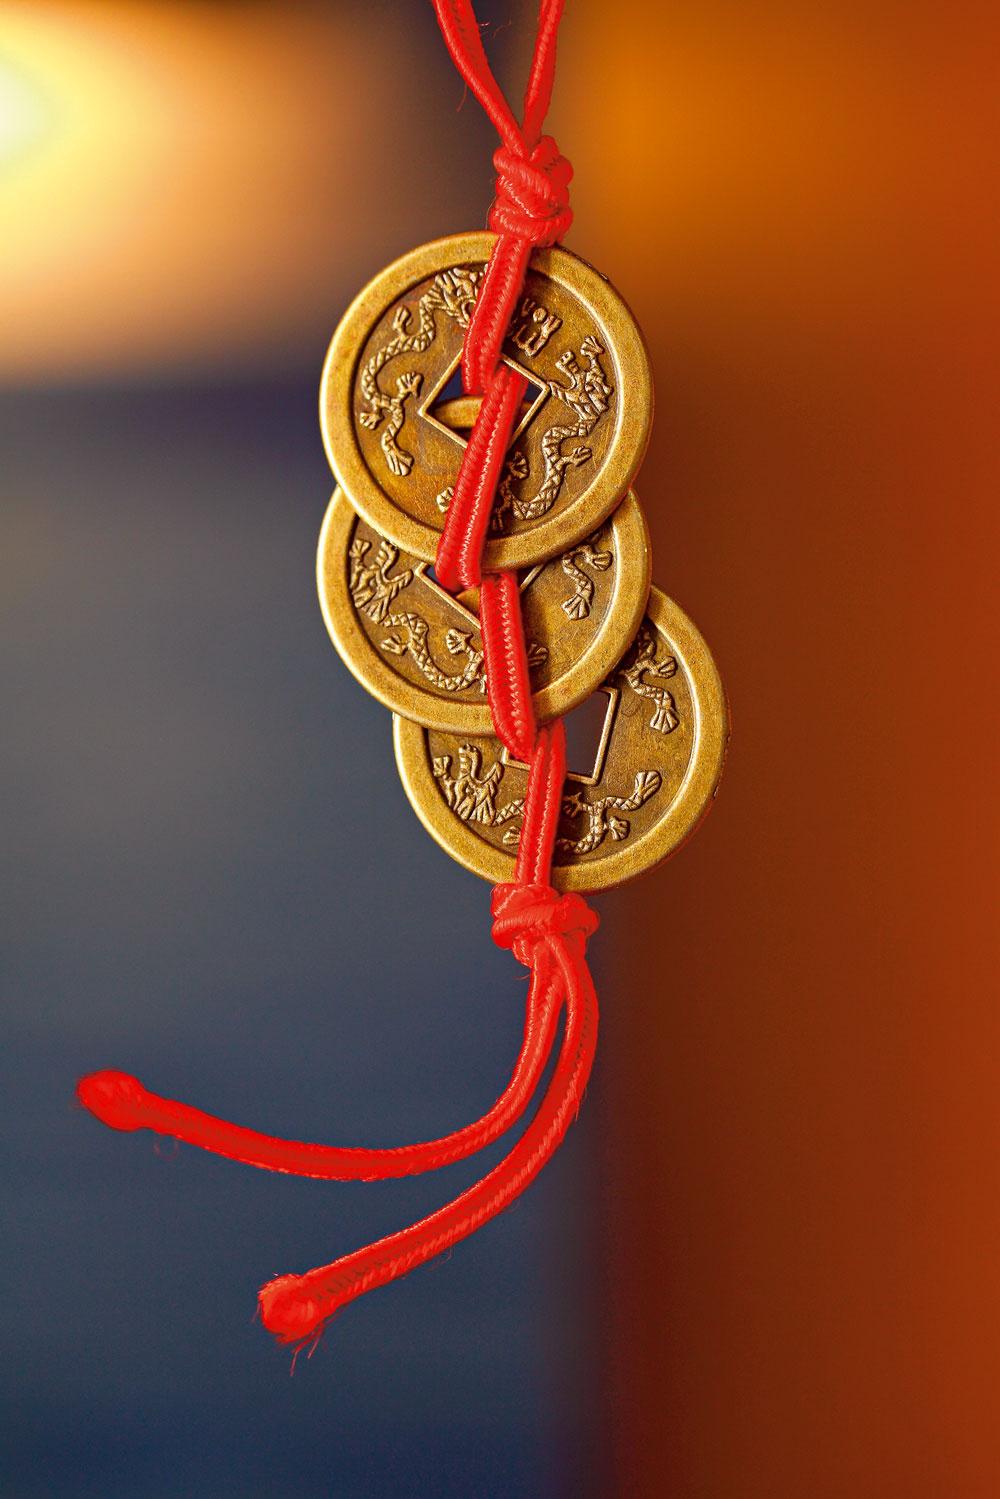 Čínske mince aktivujú oblasť financií. Ich účinok je vraj silnejší, ak sa zviažu červenou niťou. Môžete ich nosiť v peňaženke alebo ich zavesiť nad vchodové dvere.